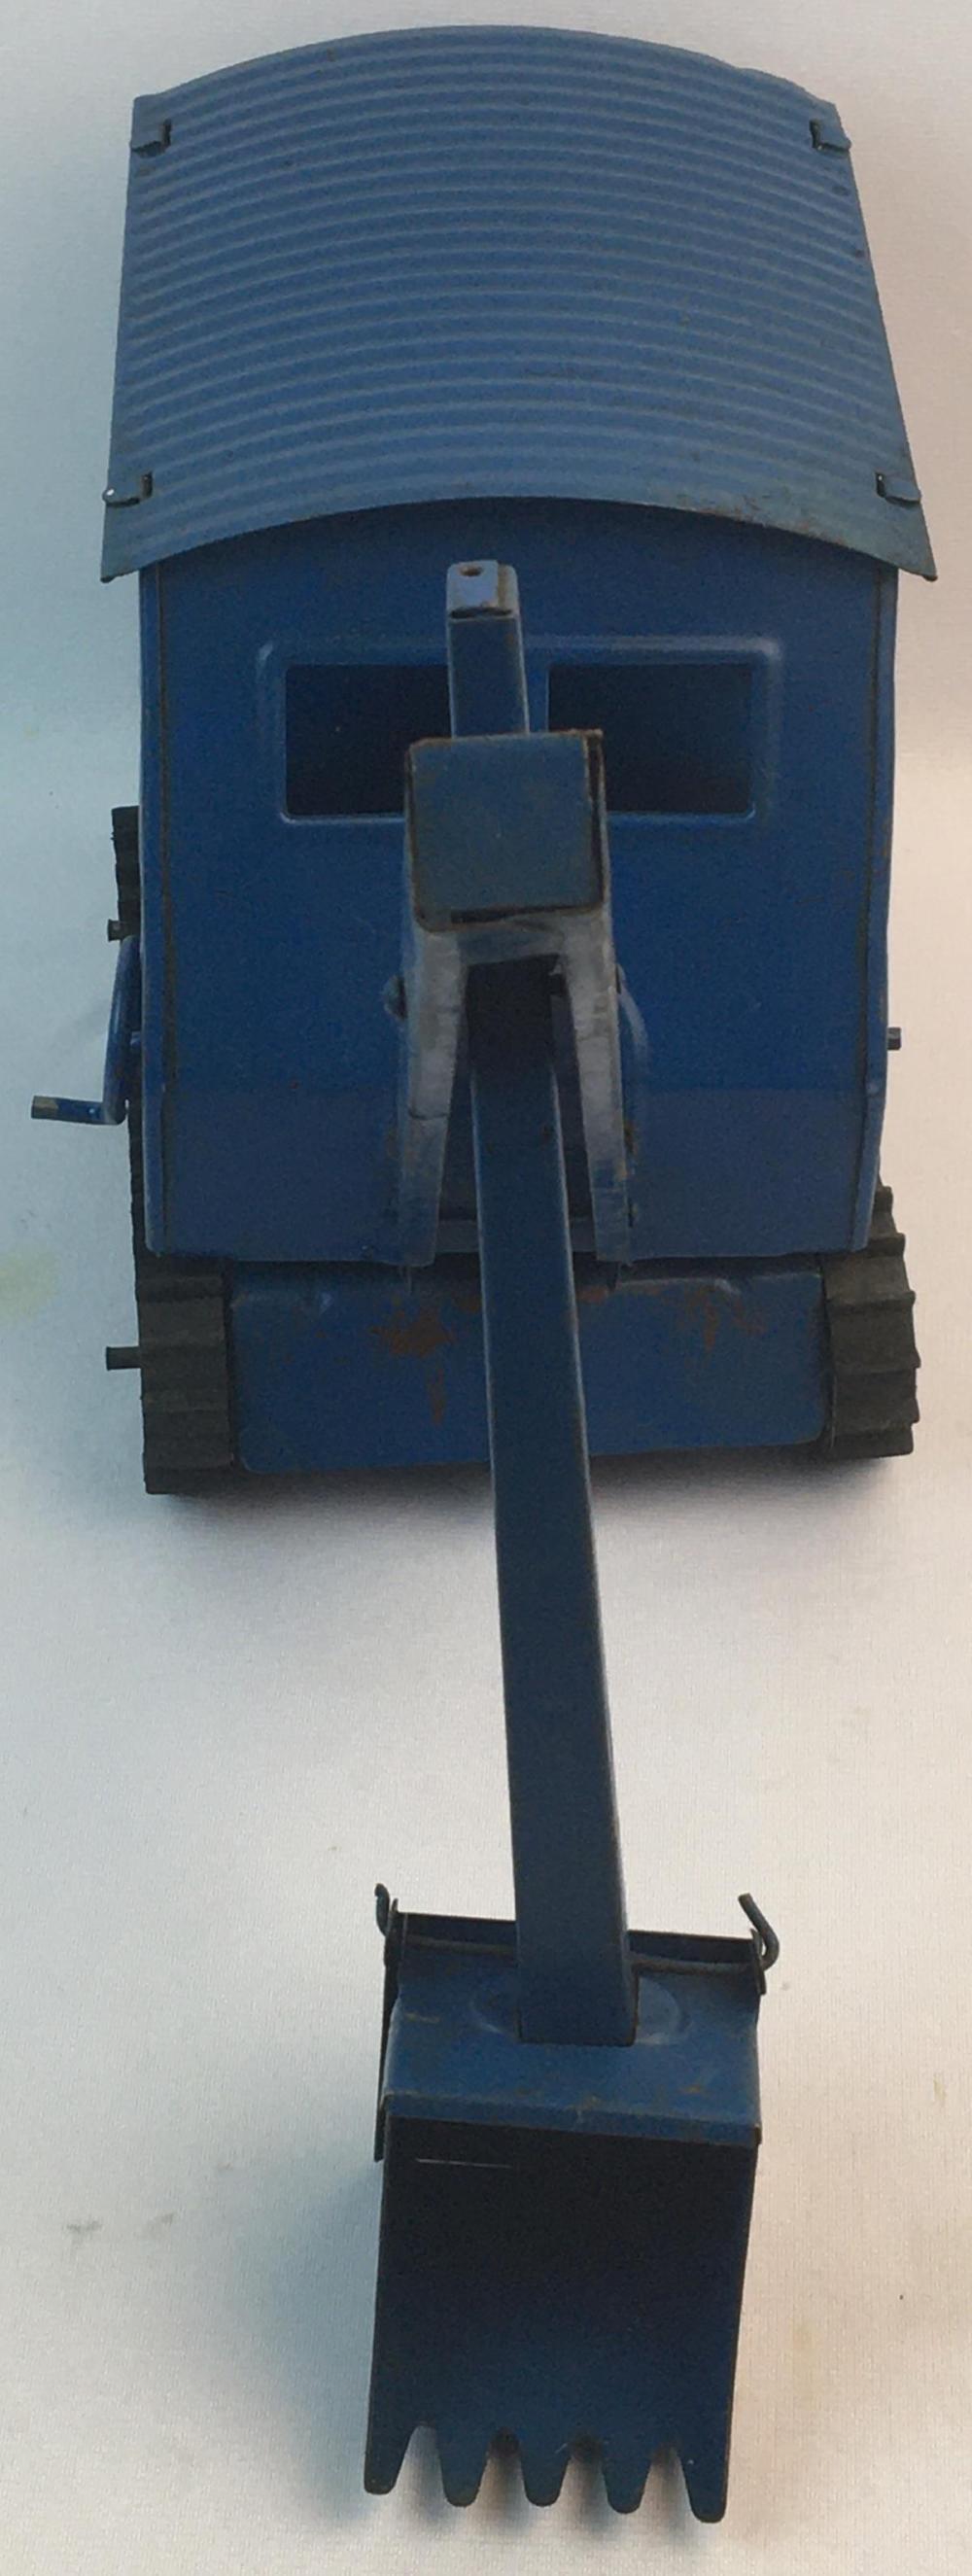 Vintage 1940's Structo Toys Pressed Steel Blue Steam Shovel Crane